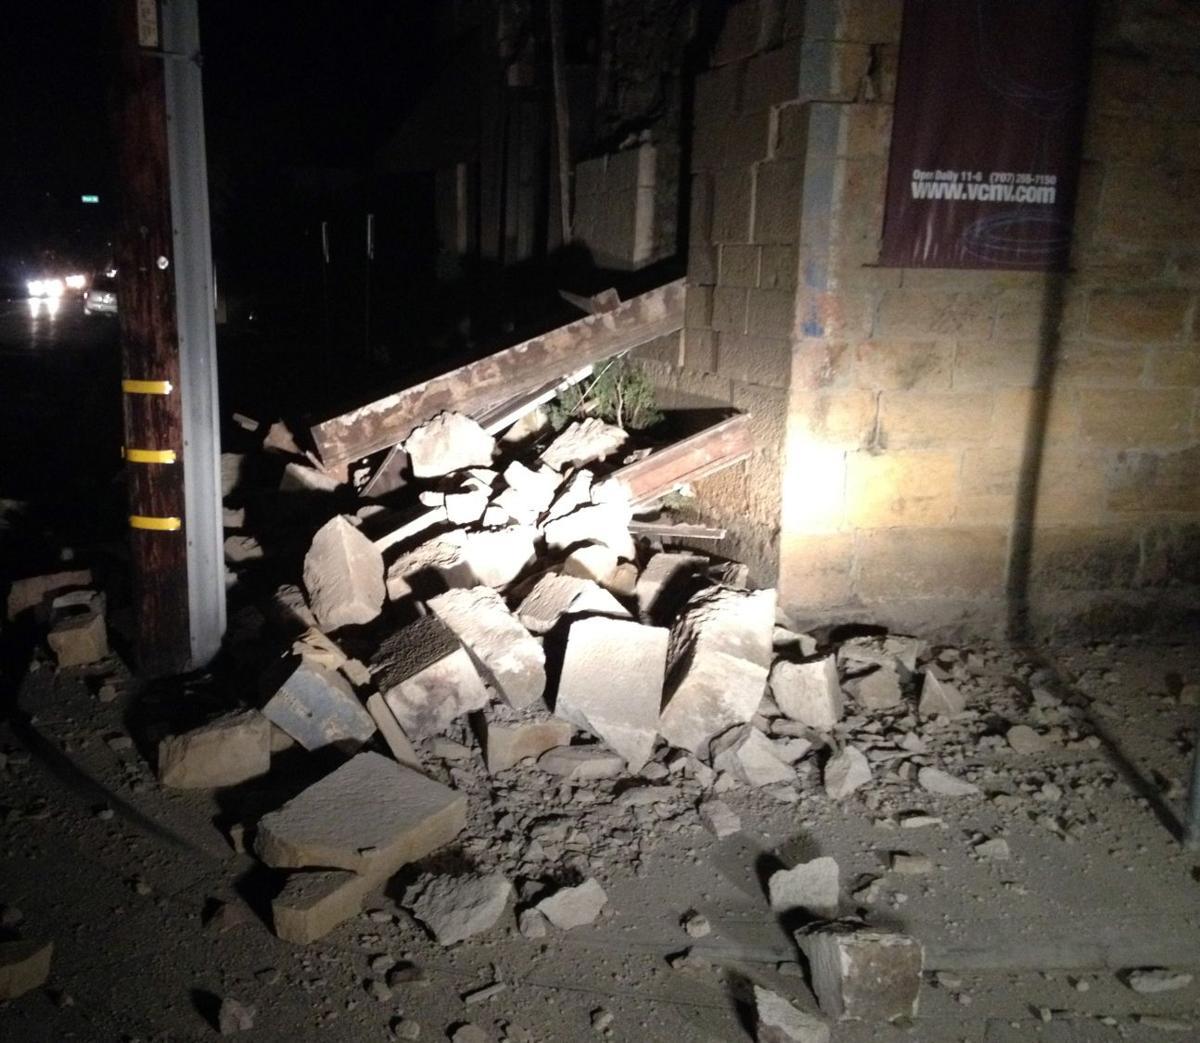 Earthquake damage in Napa